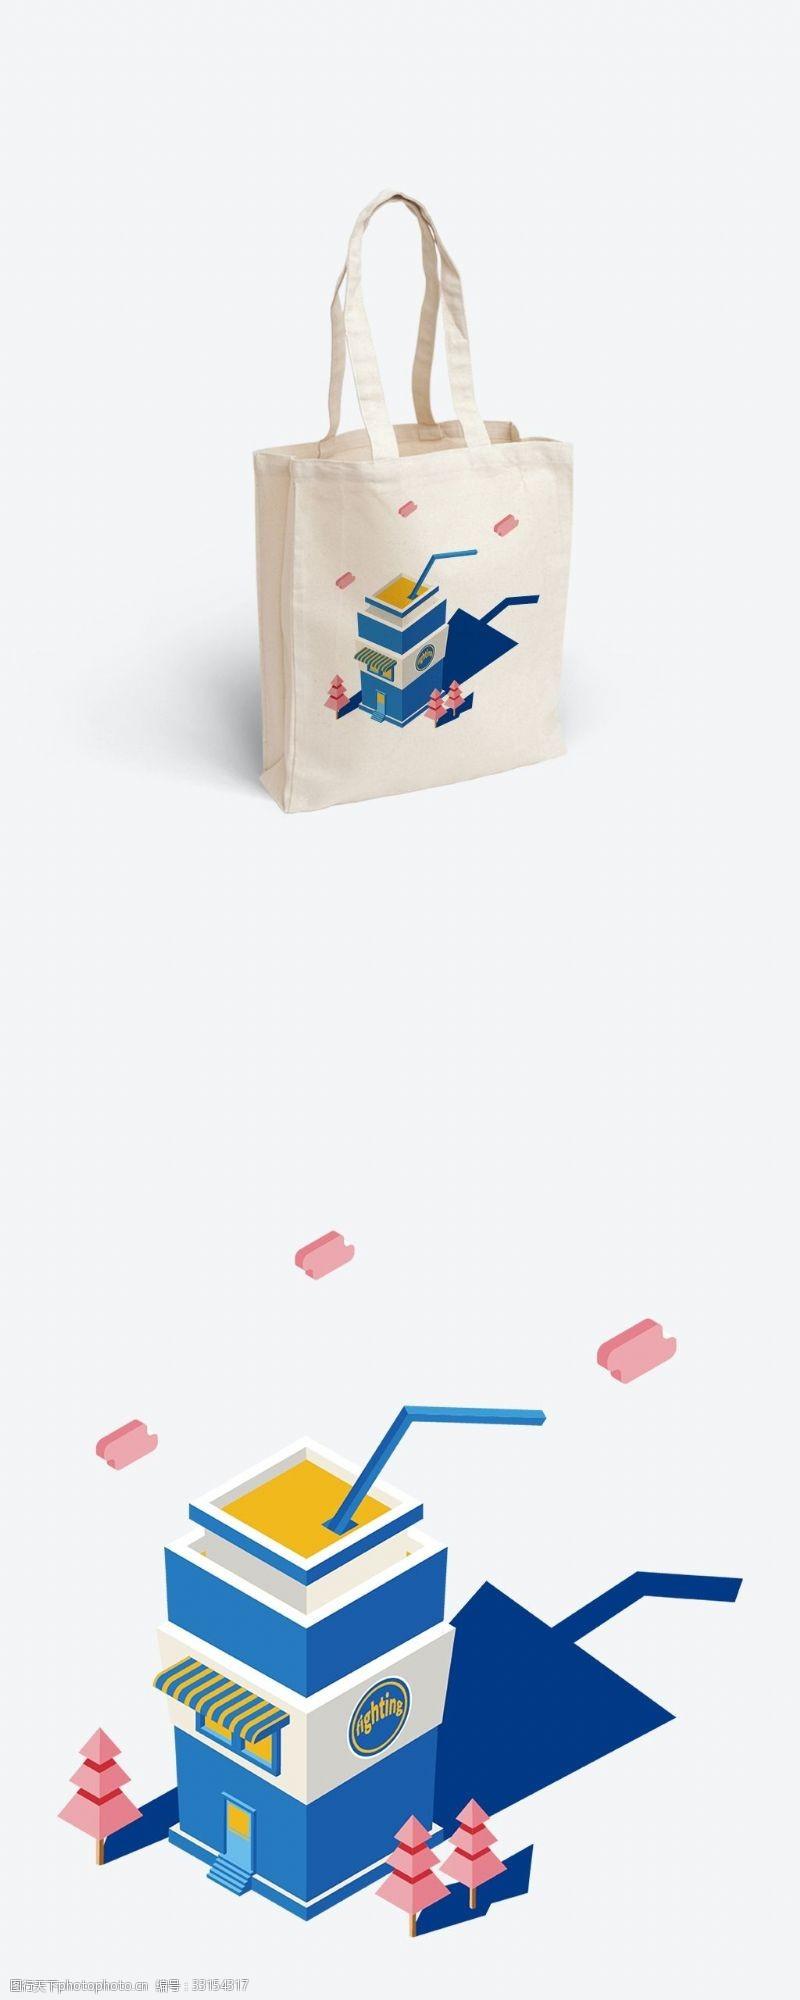 原创矢量2.5D插图勇士可乐杯帆布袋插画